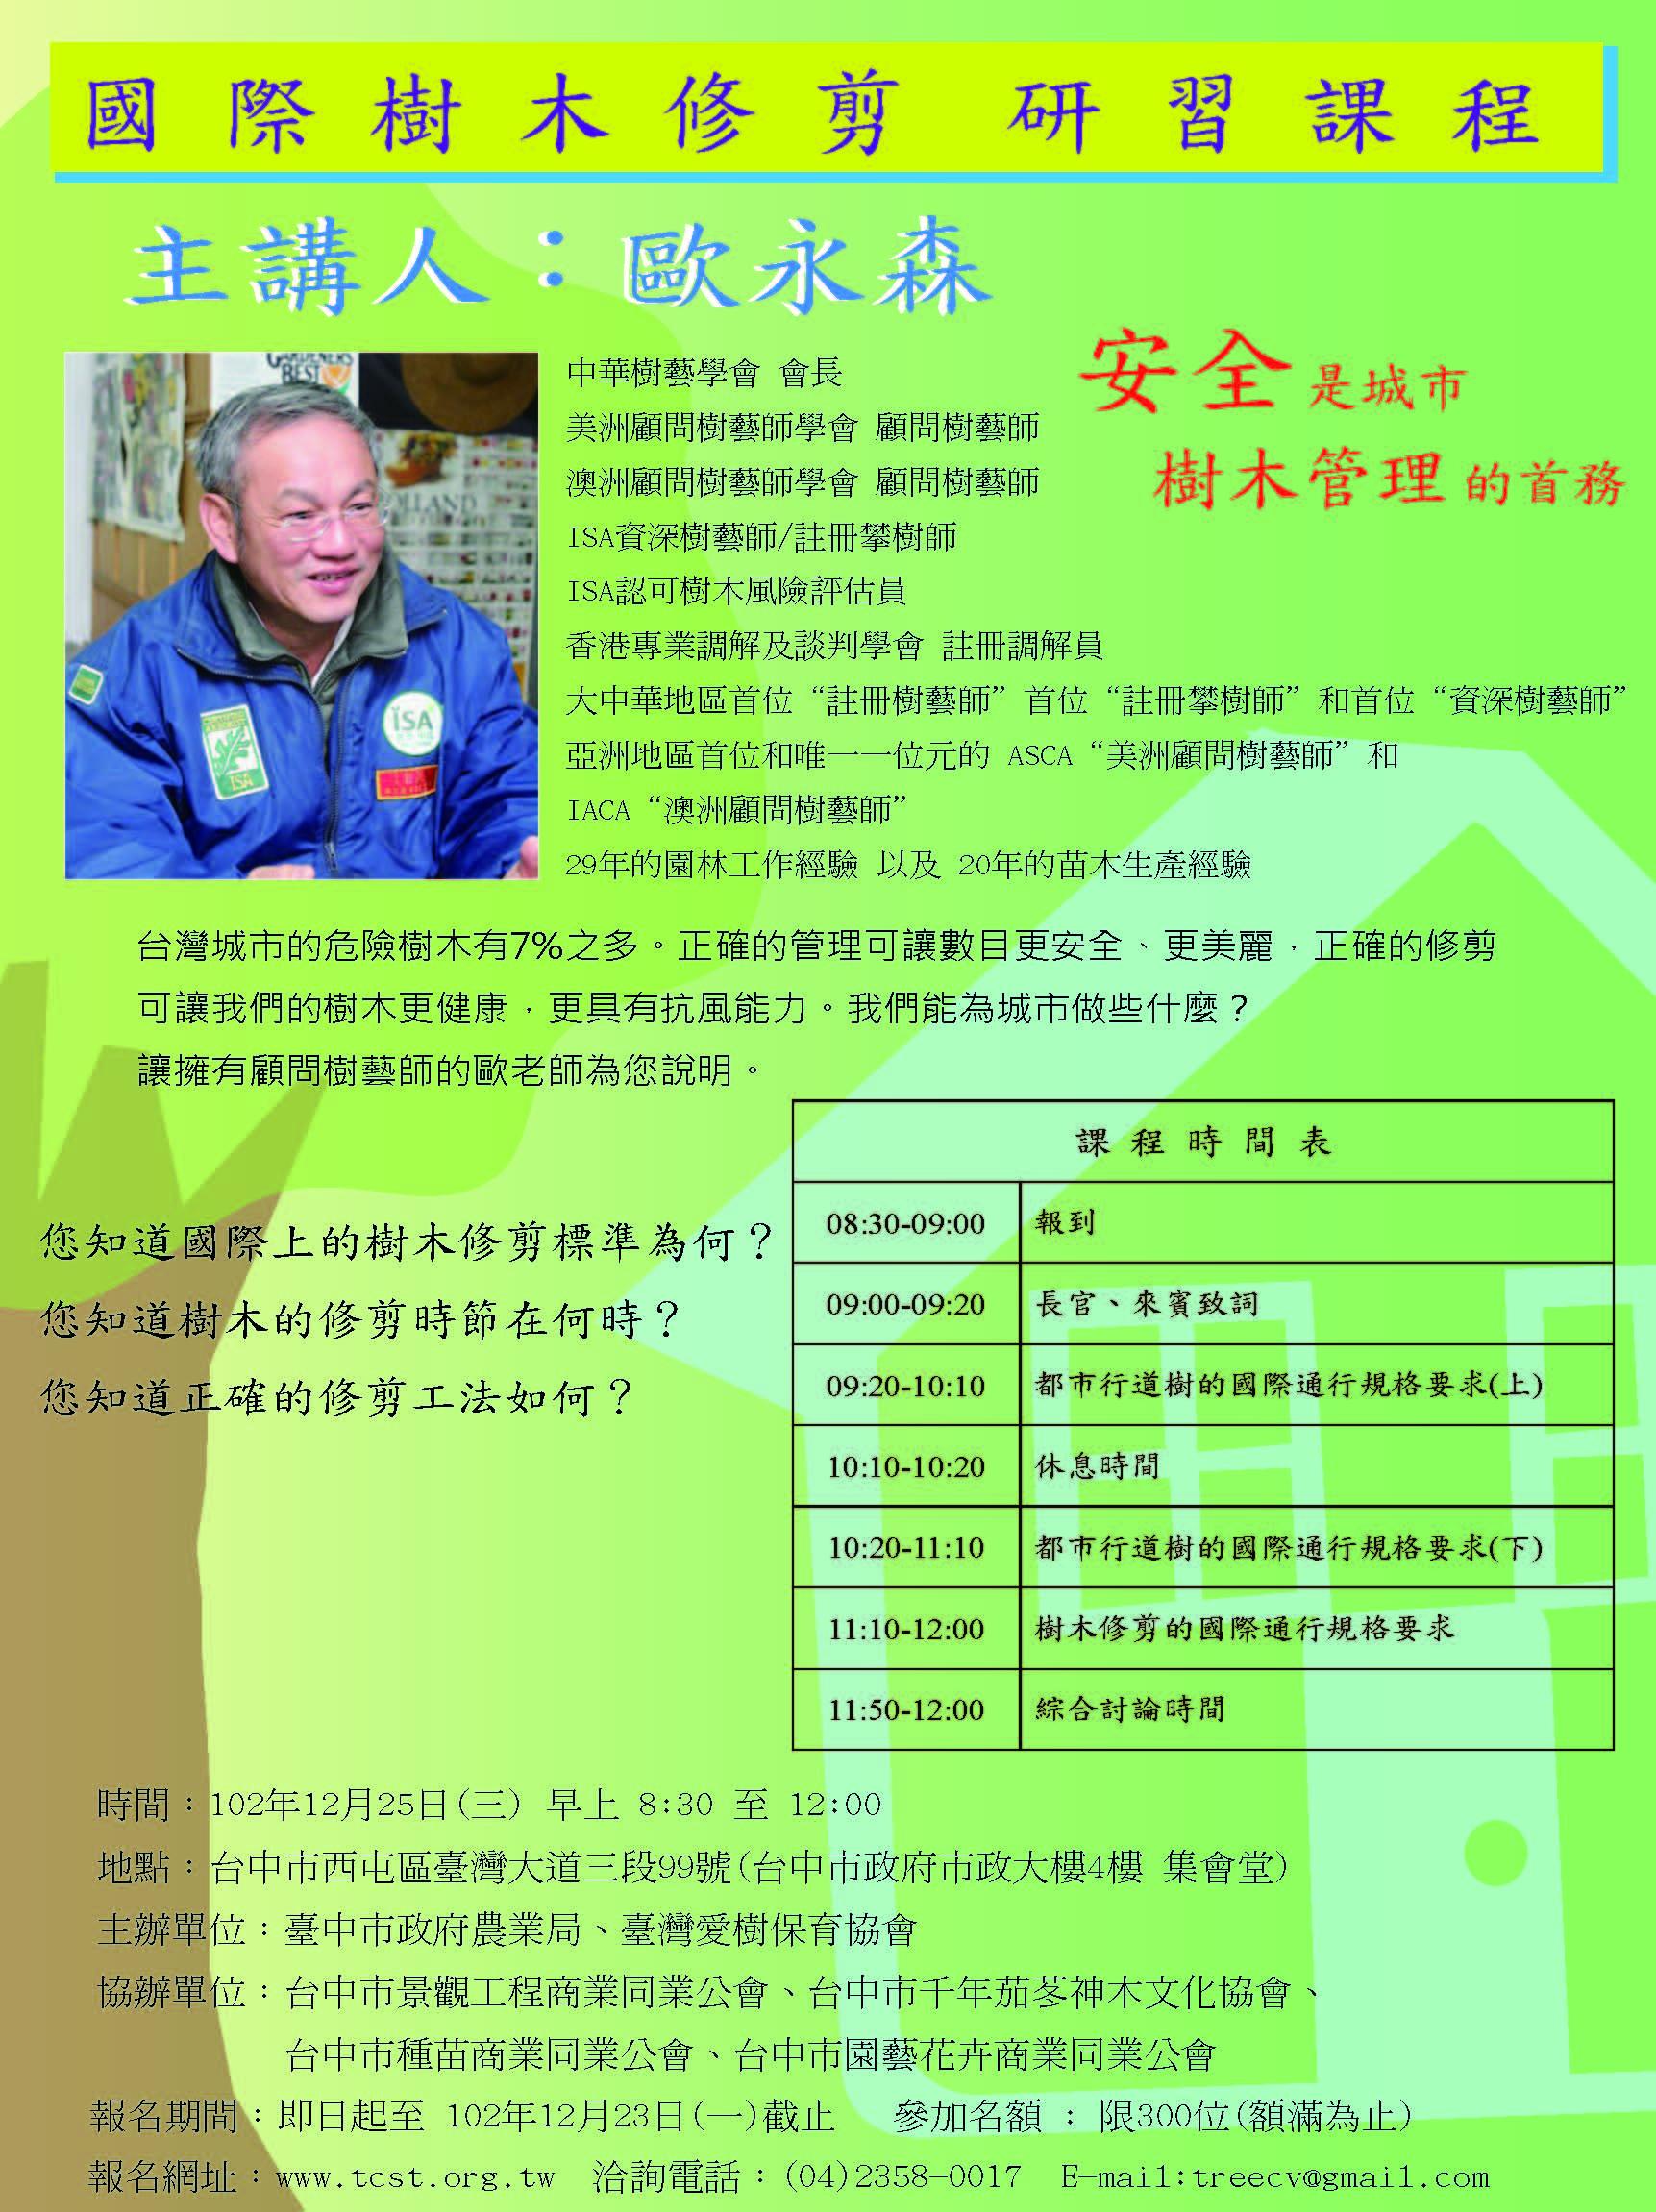 Taiwan --- Taichung 國際樹木修剪 課程規劃